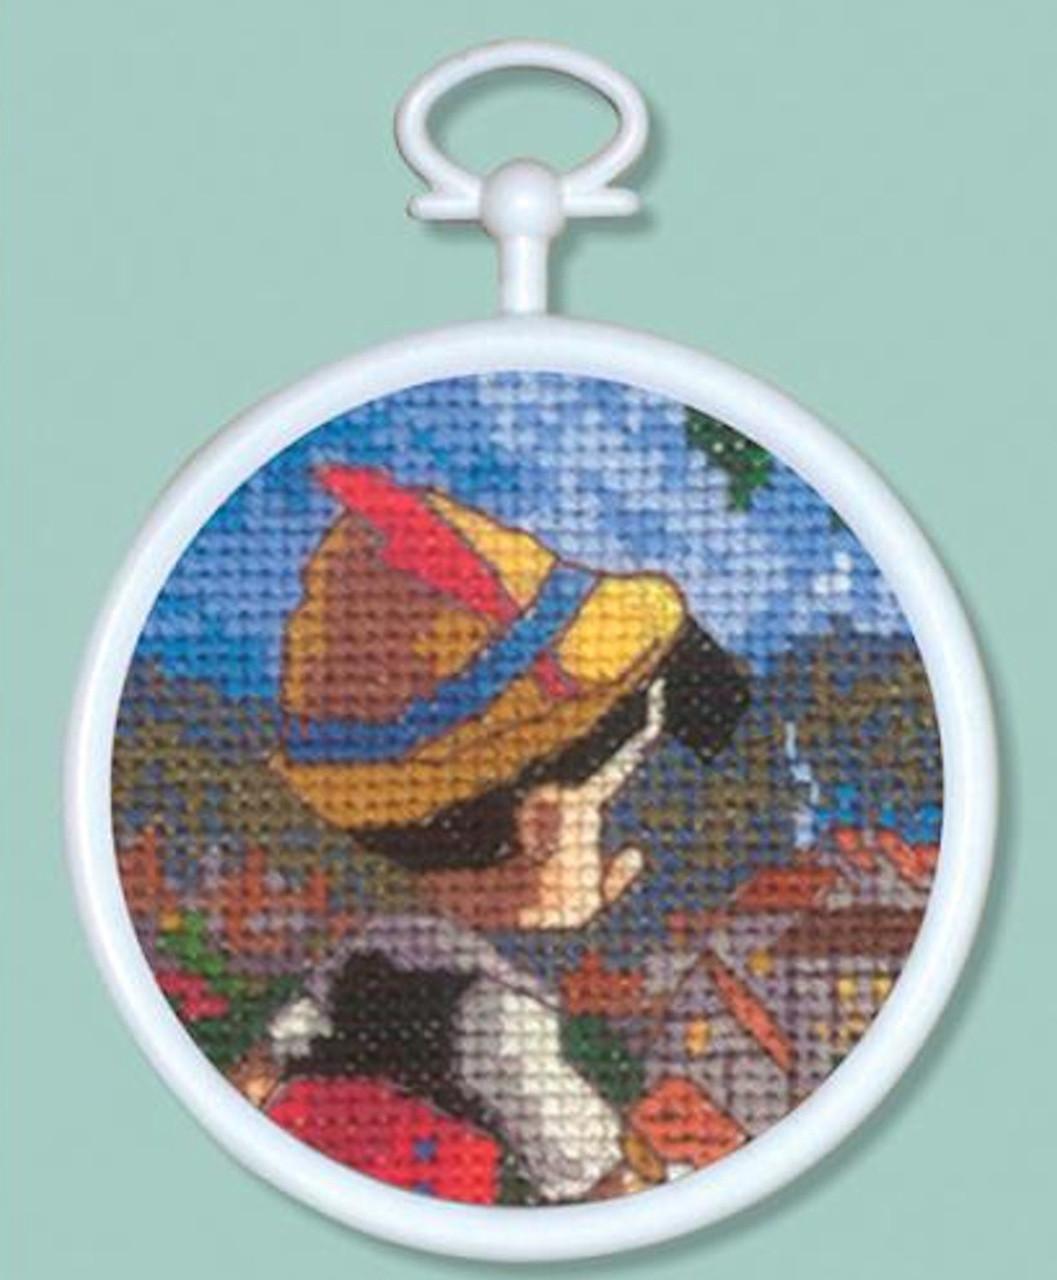 Disney Dreams Mini - Pinocchio